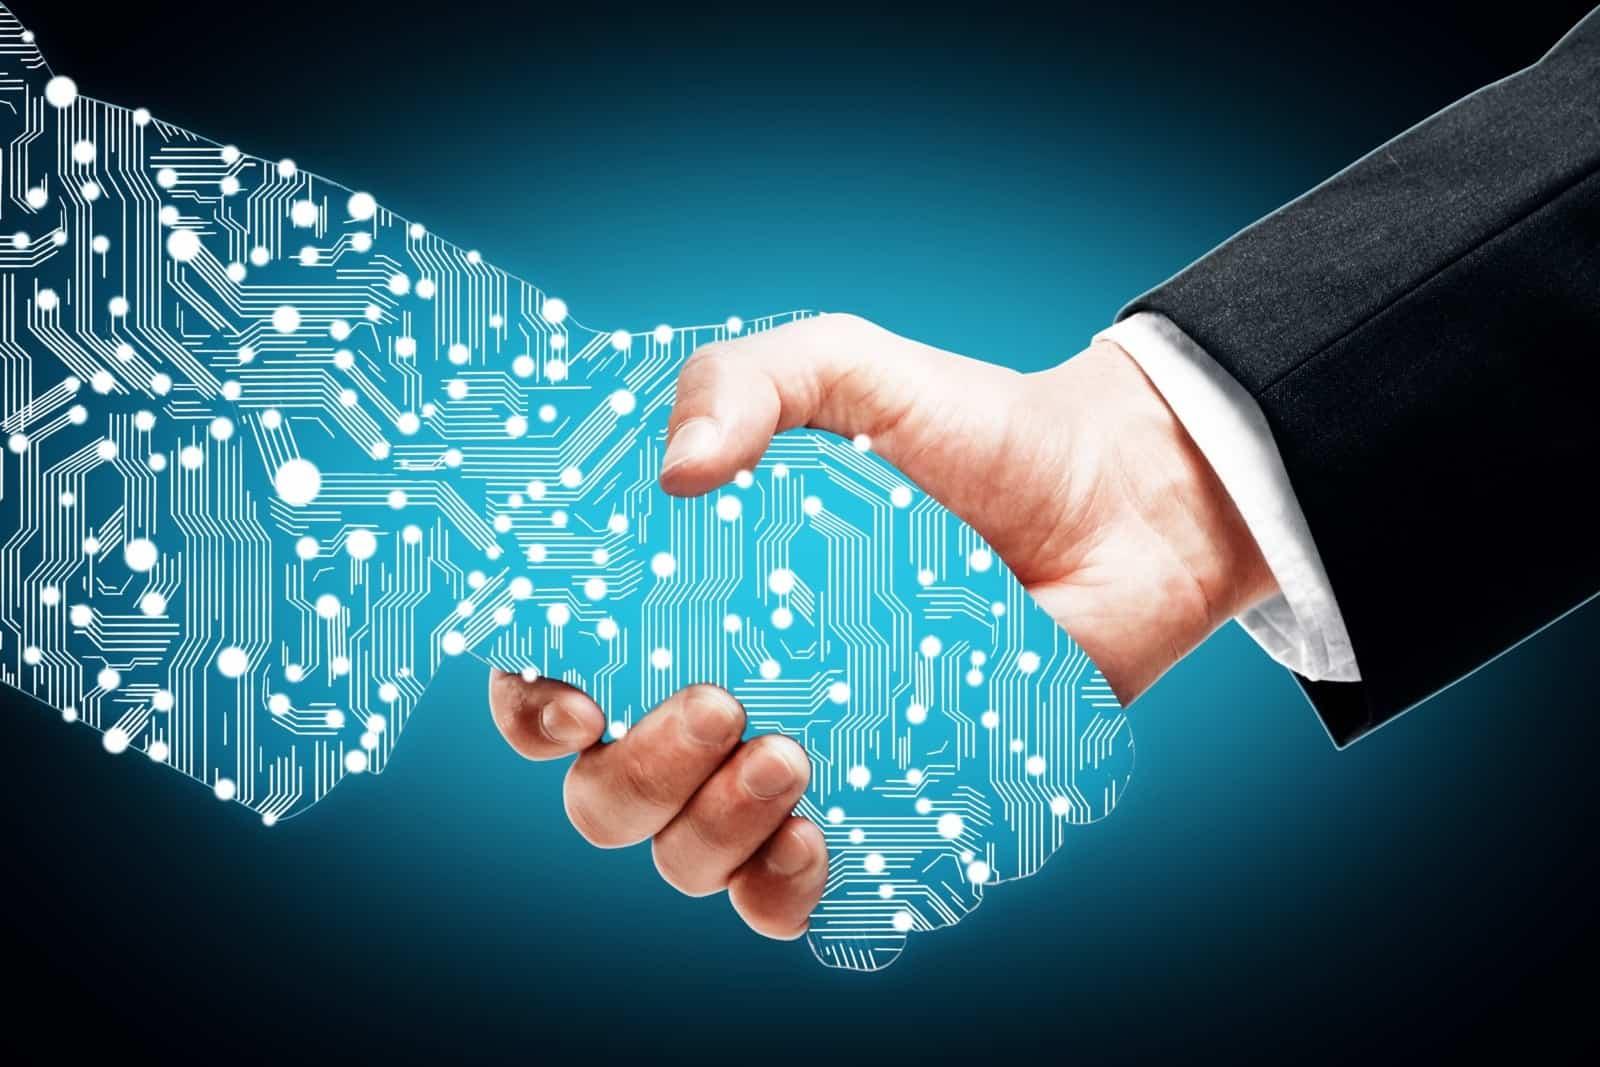 Digital Handshake On Blue Background | ITque